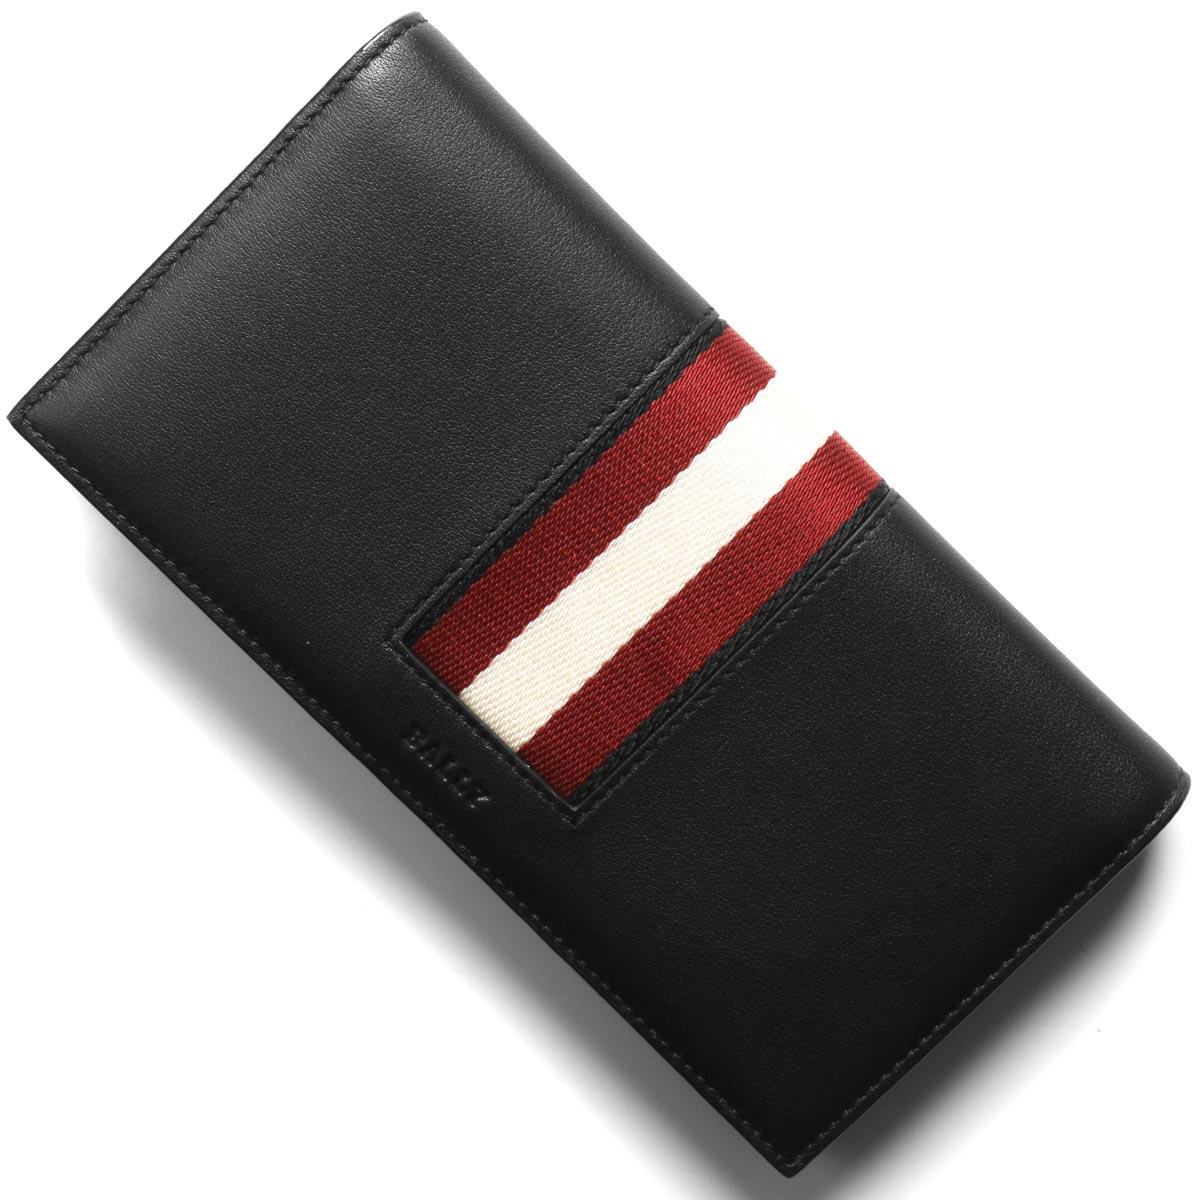 バリー 長財布 財布 メンズ バリロ ブラック BALIRO HP 100 6231961 2020年春夏新作 BALLY